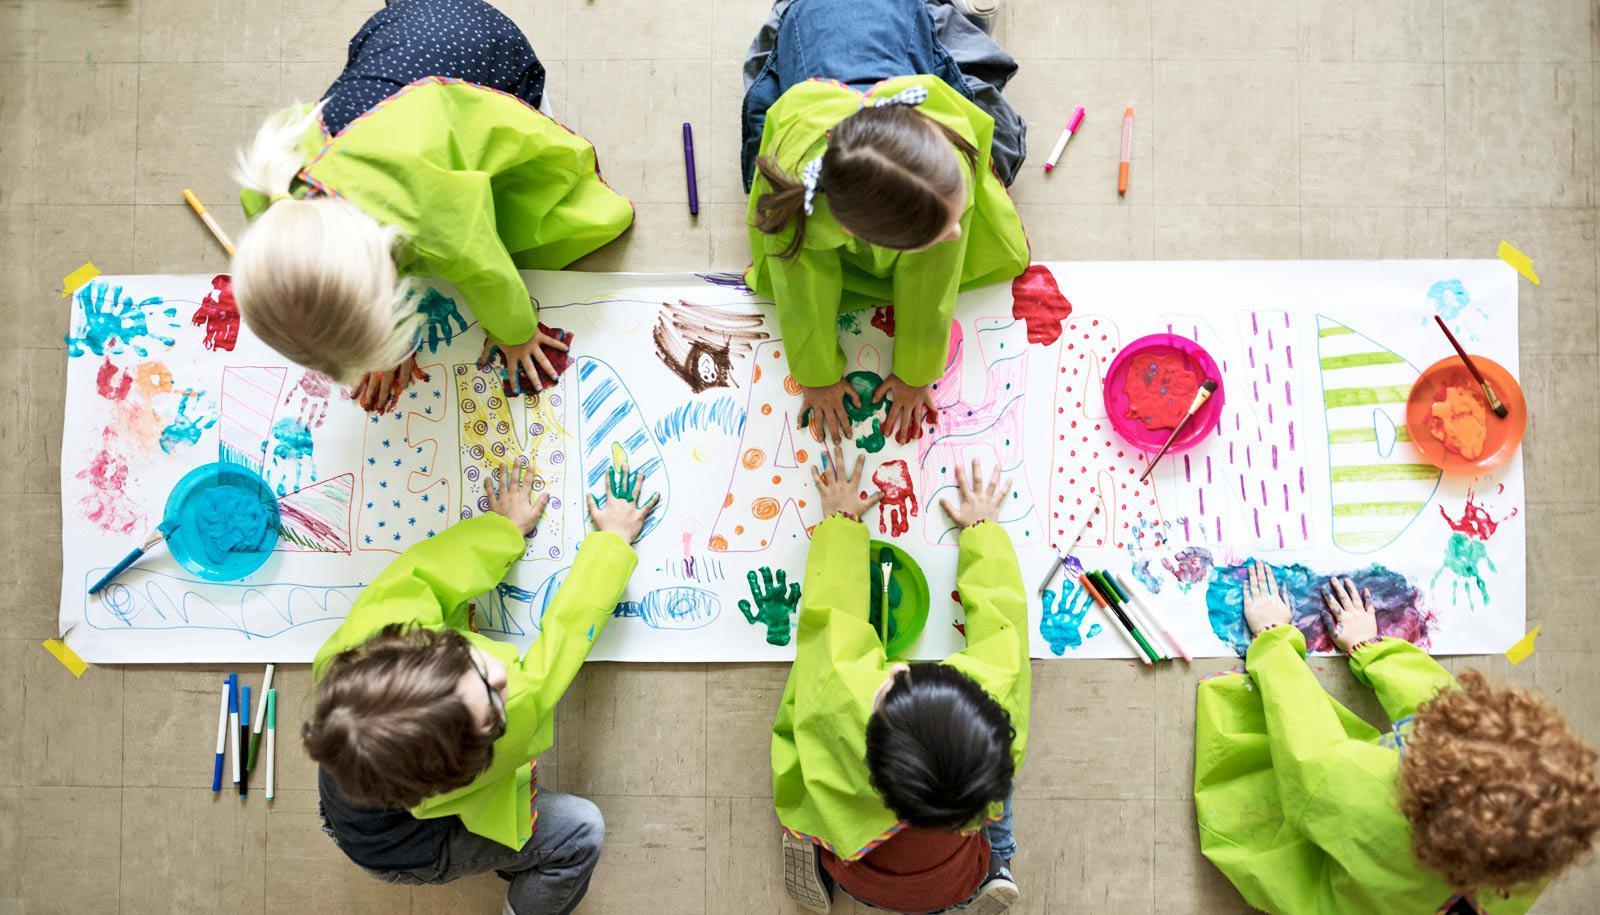 five kids in green smocks paint